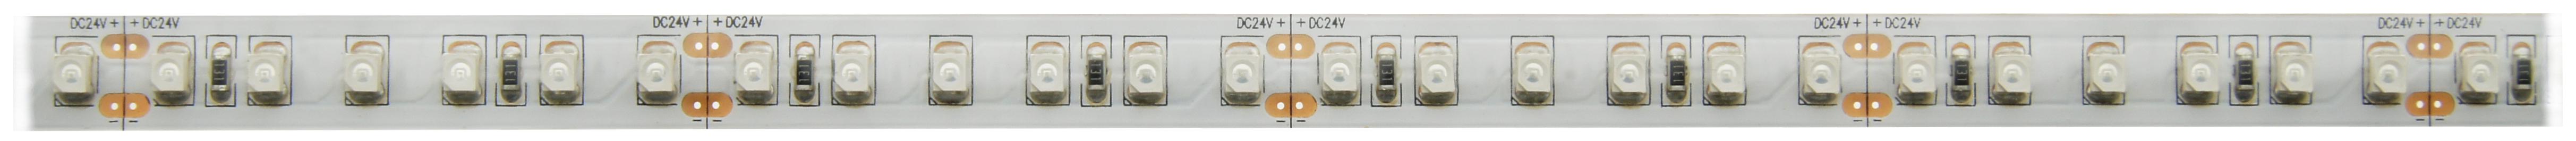 1 Stk Flexstrip 48 Rot, 10W/m, 261lm/m, 24VDC, IP44, l=5m LIFS002006